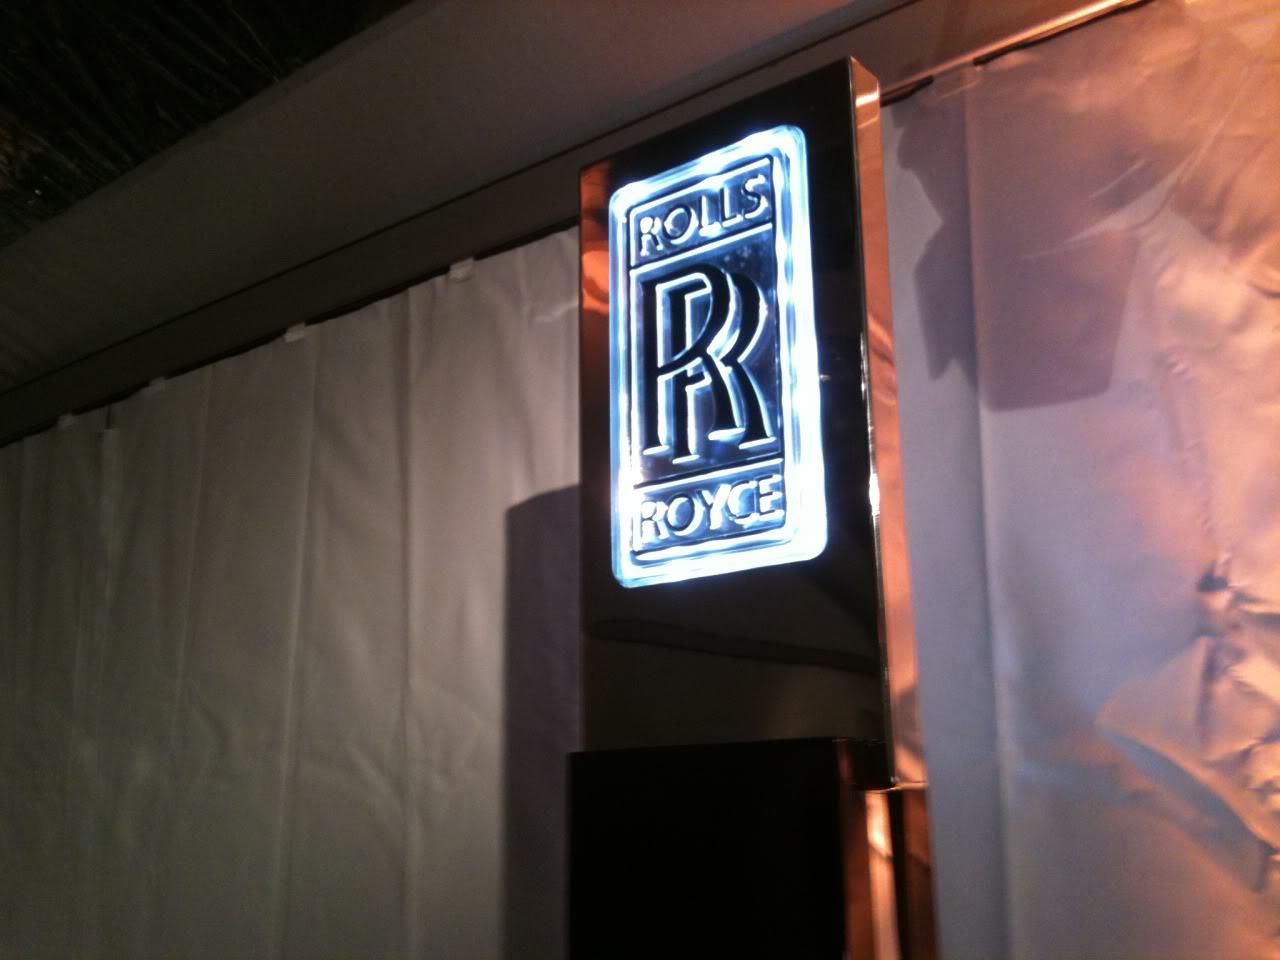 corum - CR Evénement Corum & Rolls-Royce à Bruxelles 25/11 - PHOTOS CORUM-EVENT-17